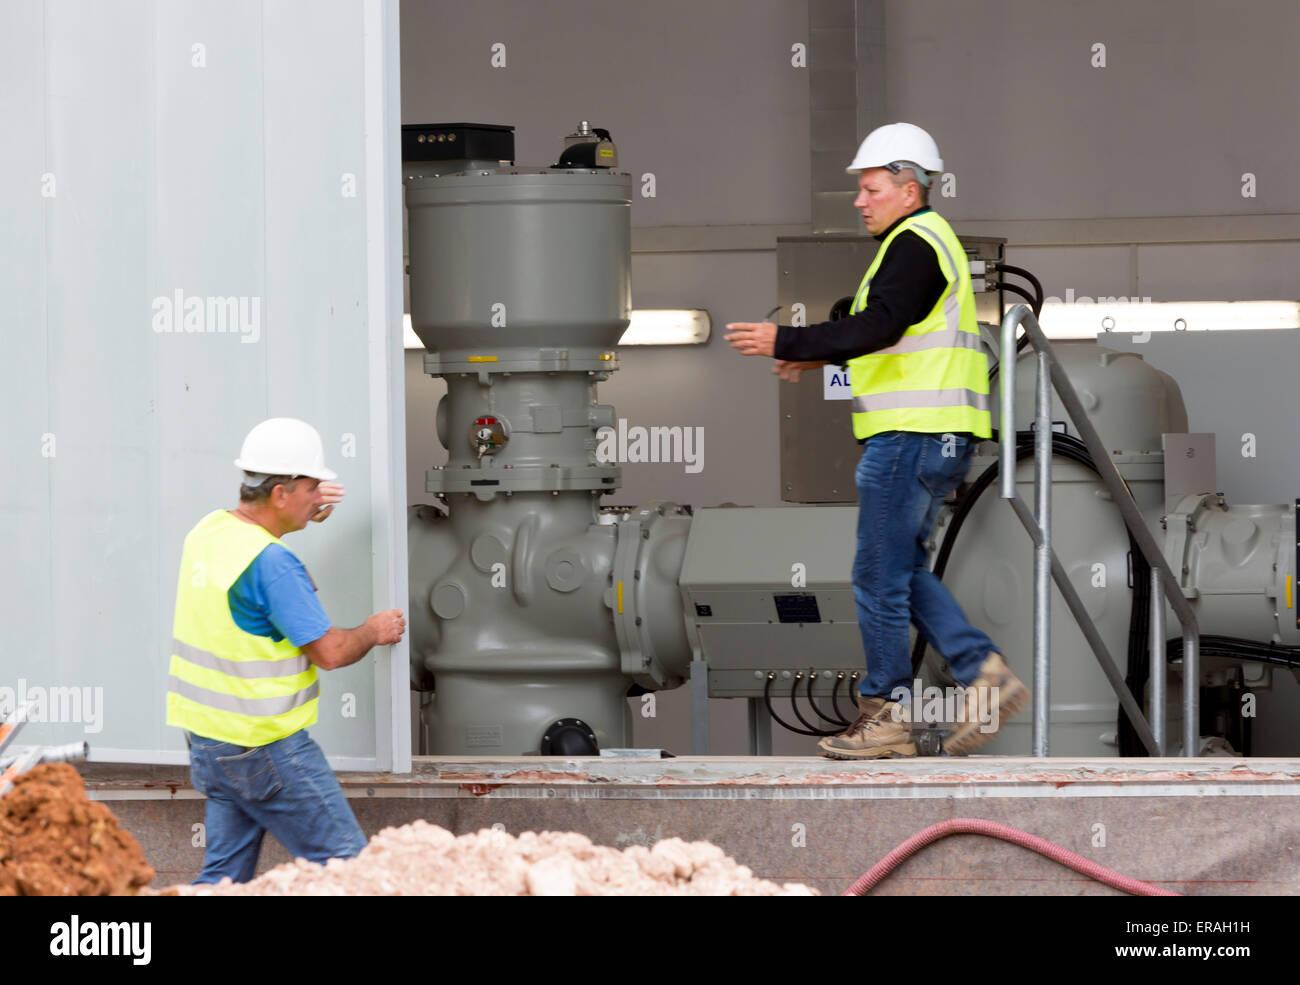 Sofia, Bulgarie - 29 mai 2015: Les ingénieurs sont garder un oeil sur l'essai de la deuxième usine de Sofia déchets grande voltag Banque D'Images